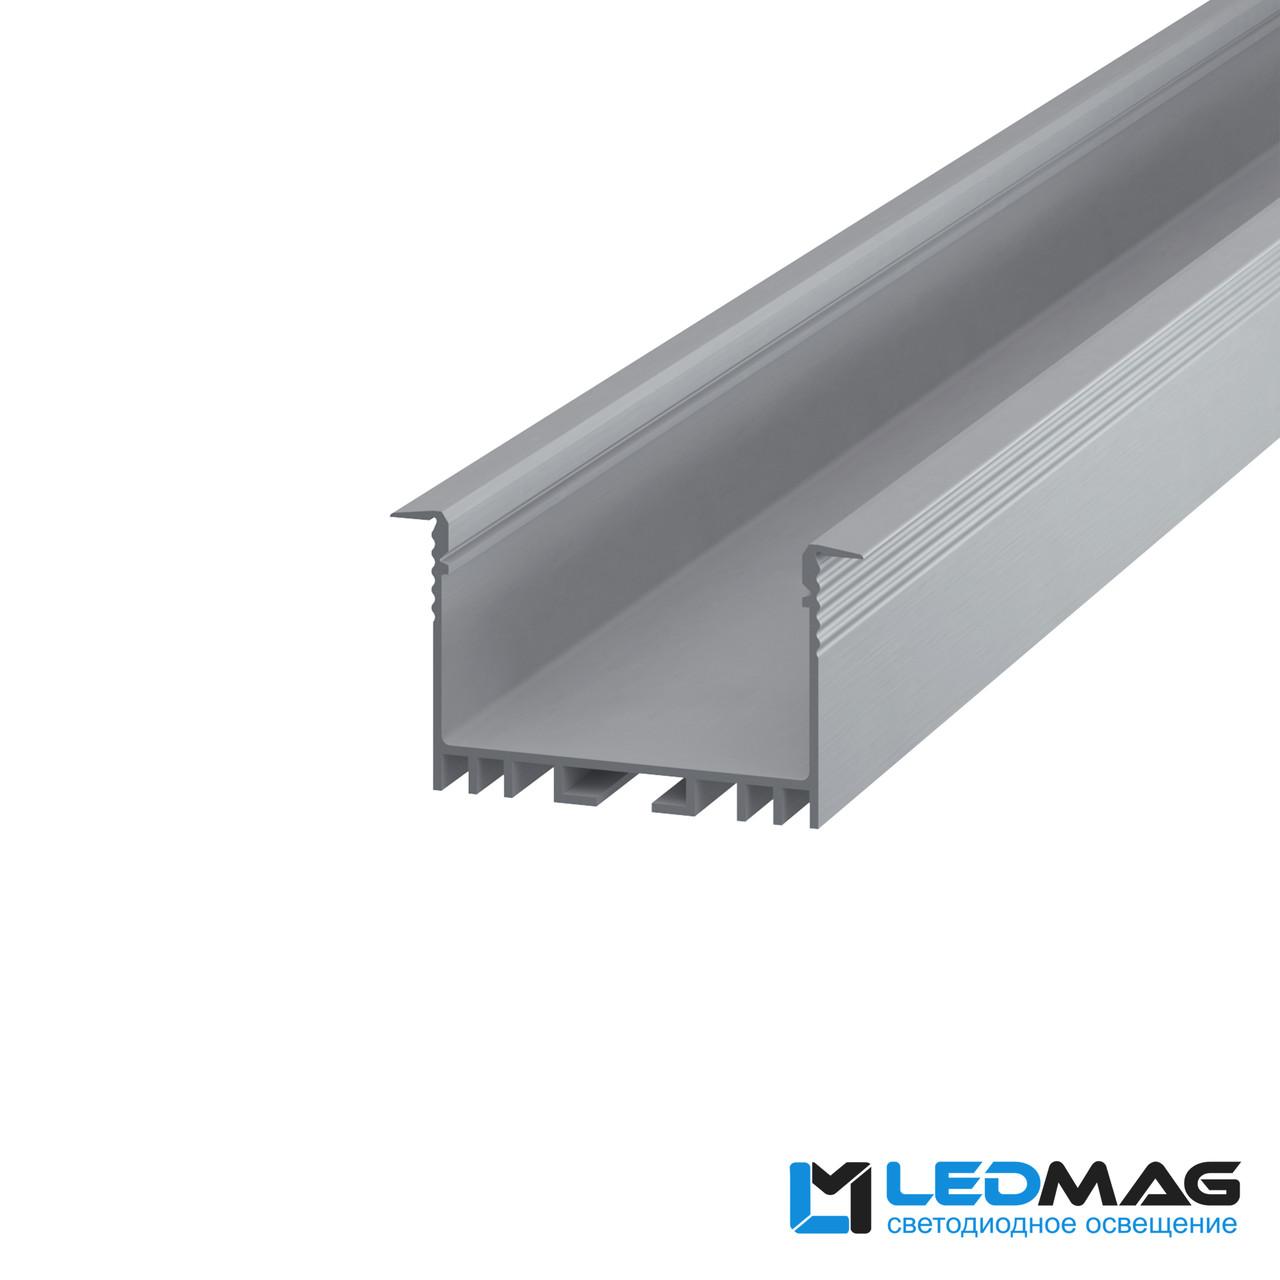 Профиль для светодиодной ленты врезной LSV-40 алюминиевый